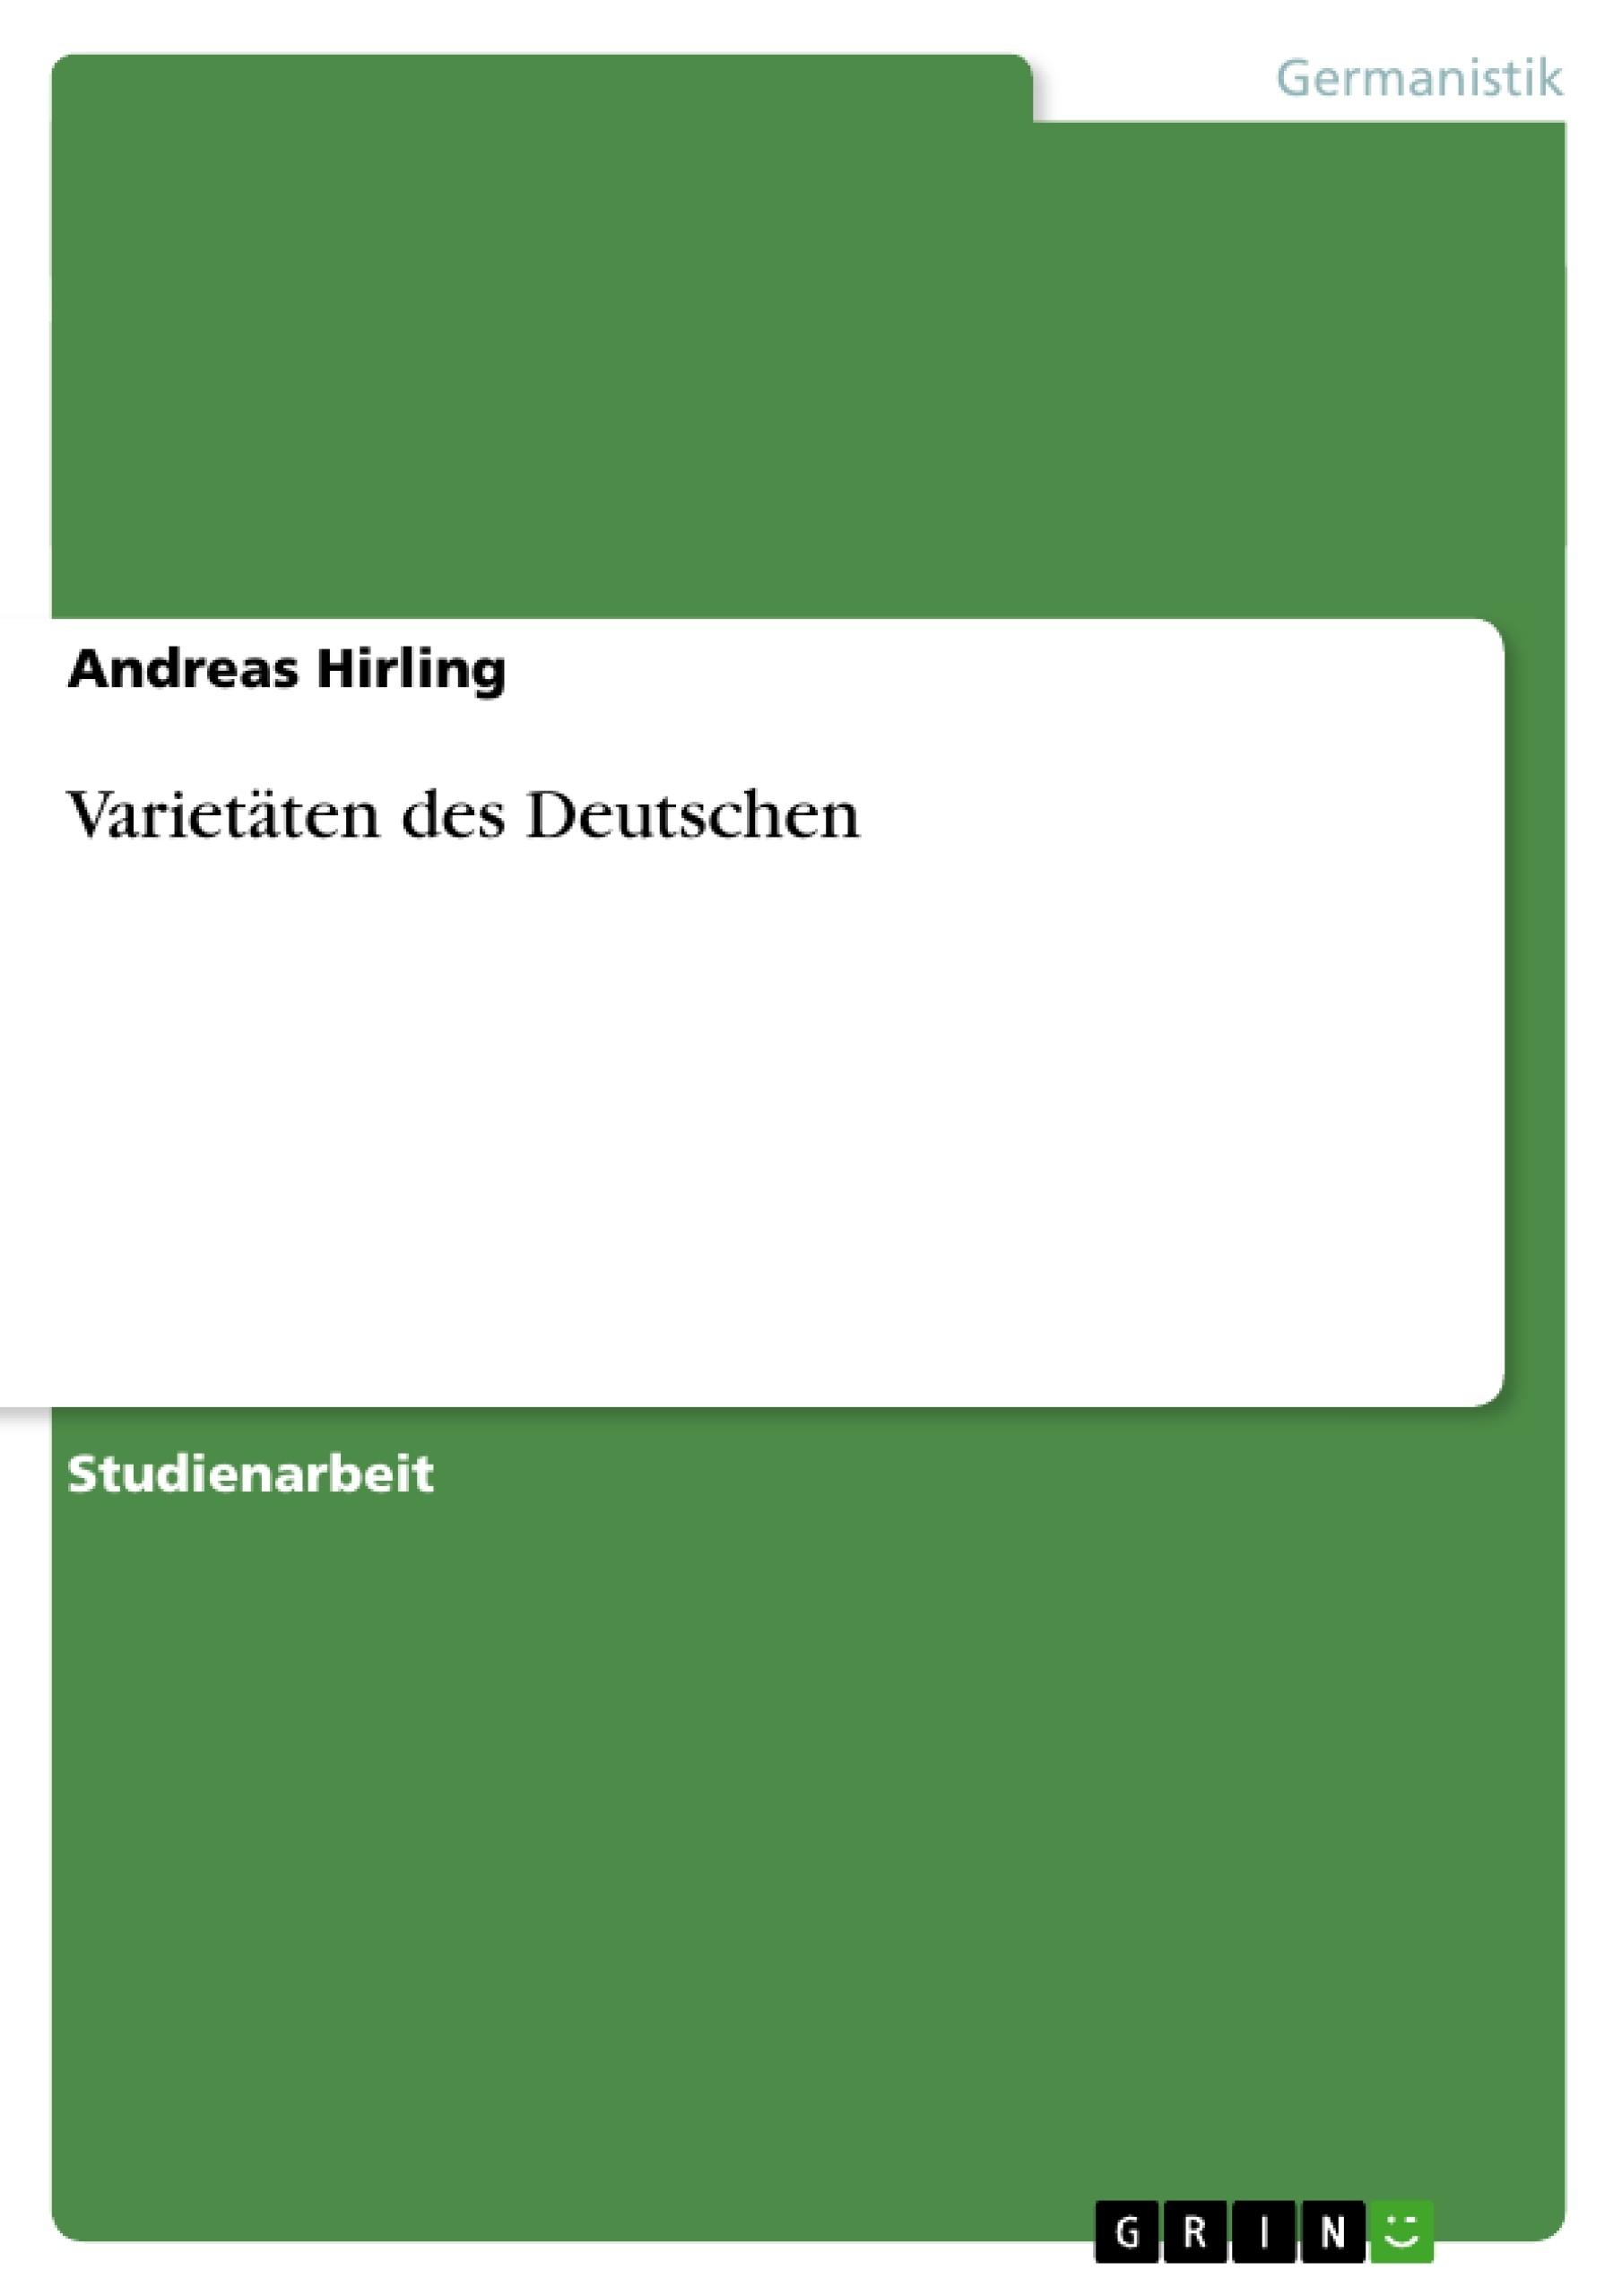 Titel: Varietäten des Deutschen